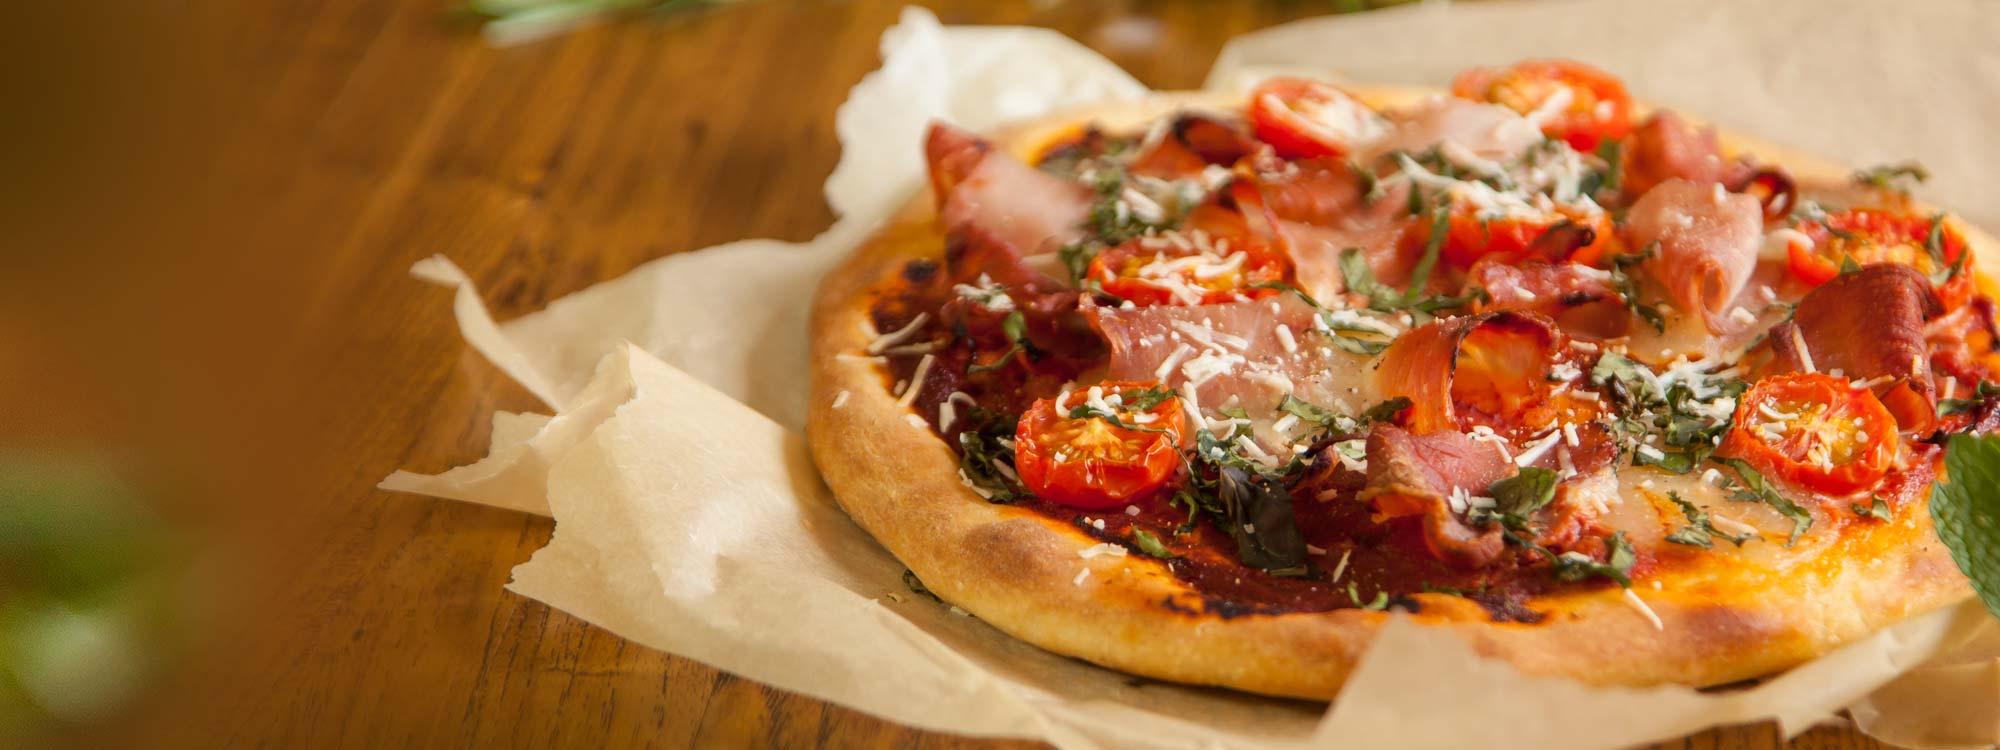 Barwon-Valley-Slider-pizza-ham